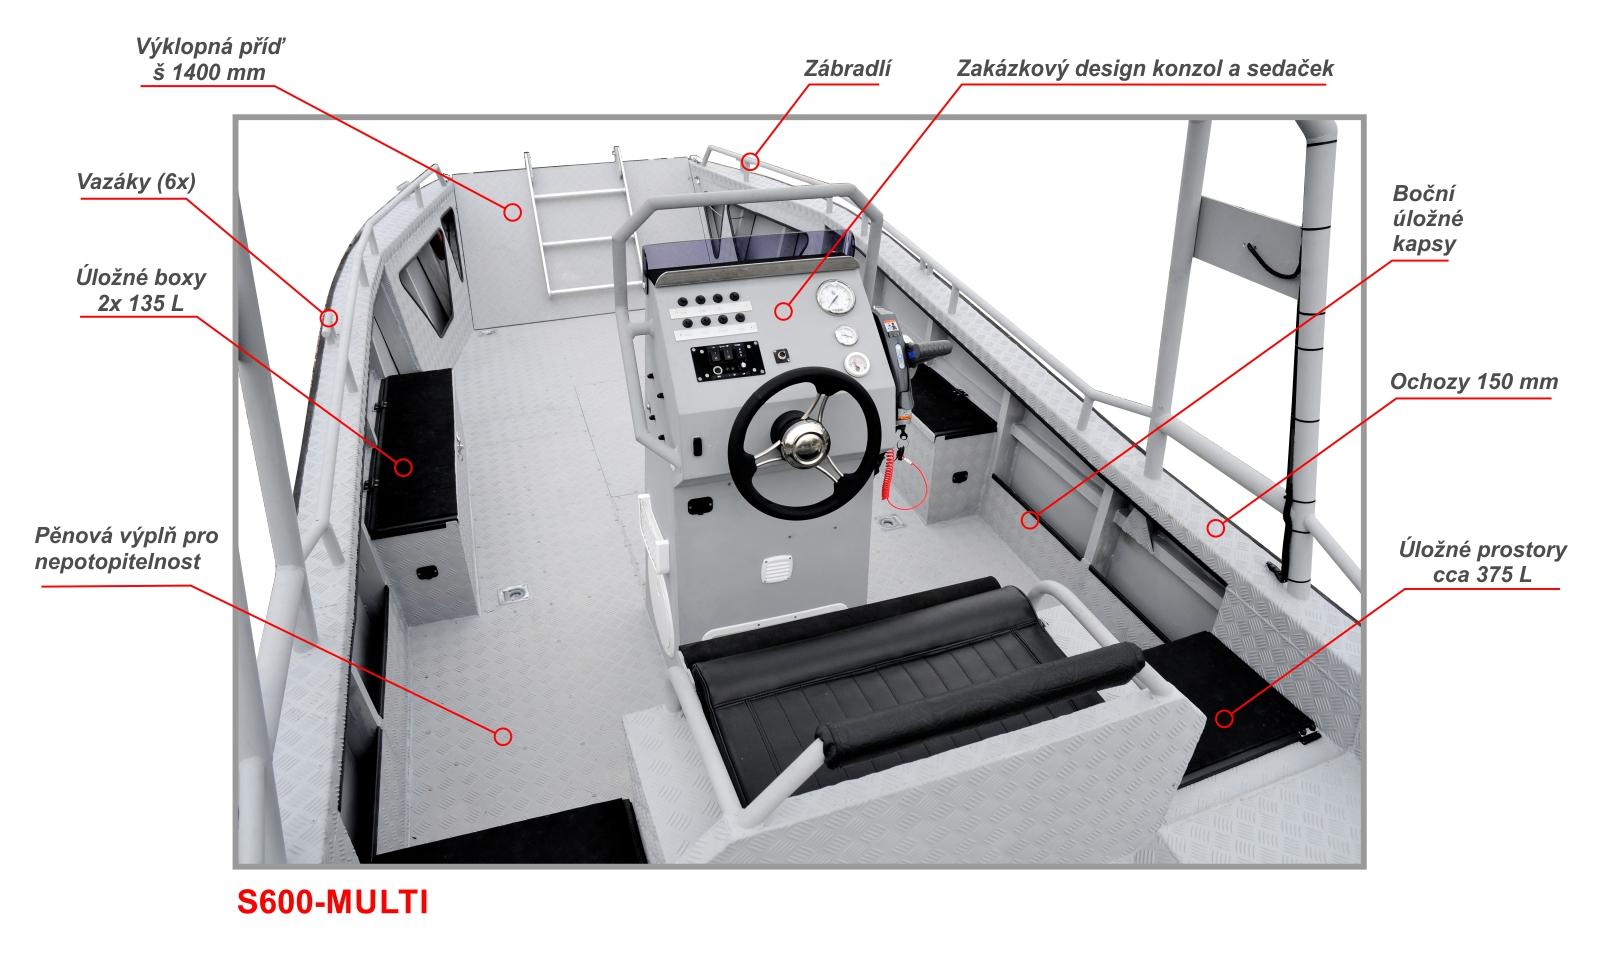 Pracovní motorový člun SCHELKALIN MOORBOAT S600-MULTI s výklopnou přídí